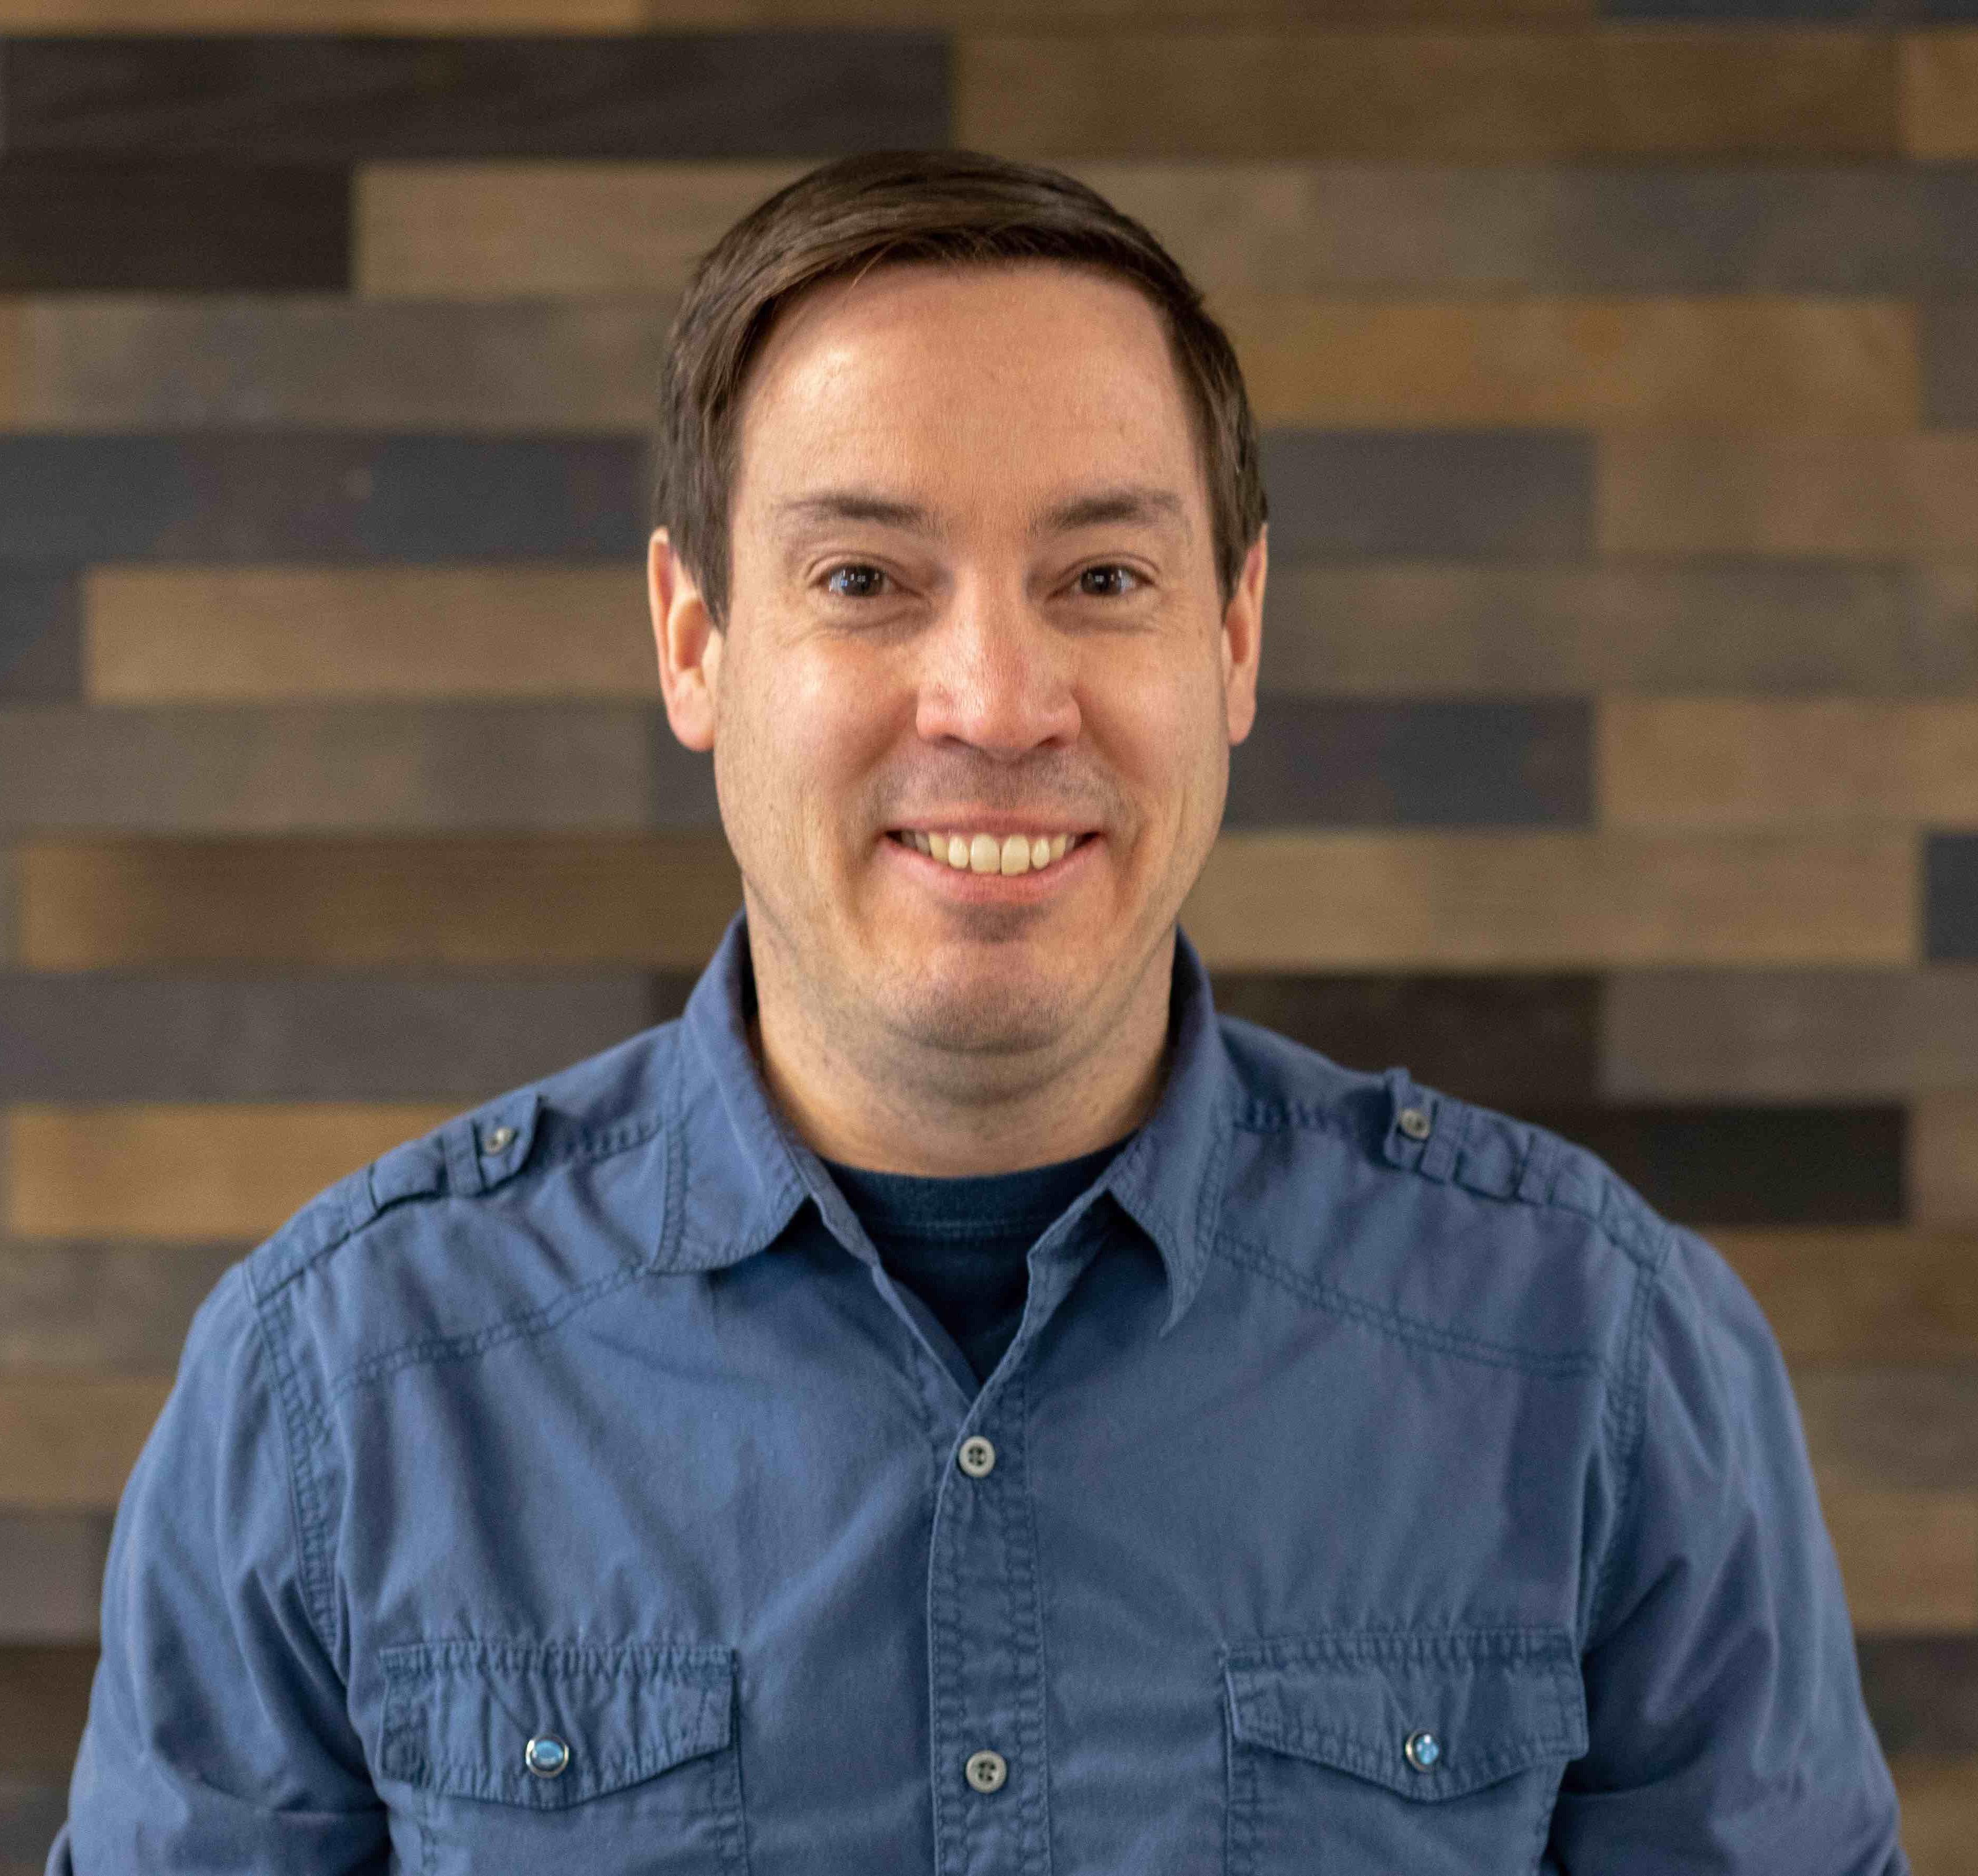 Brad Schelling